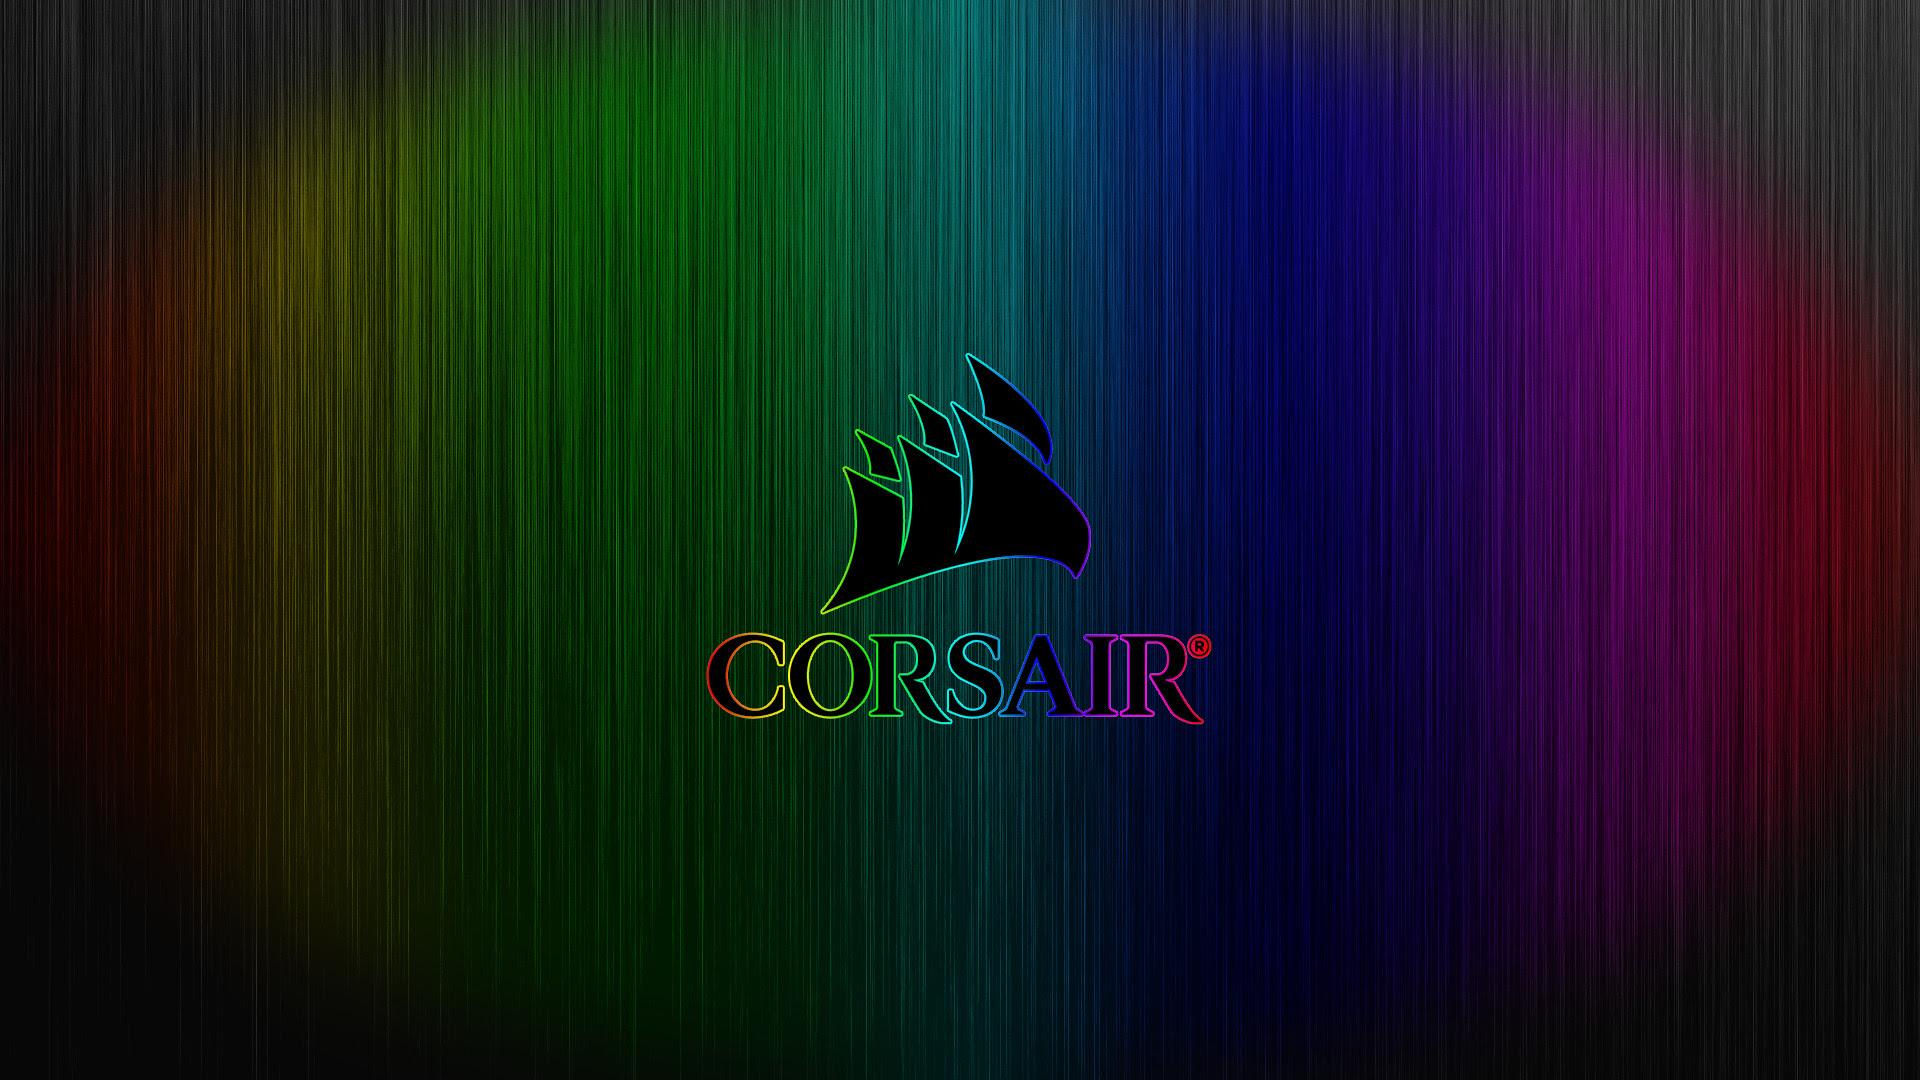 Corsair Wallpaper In Hd 77 Images